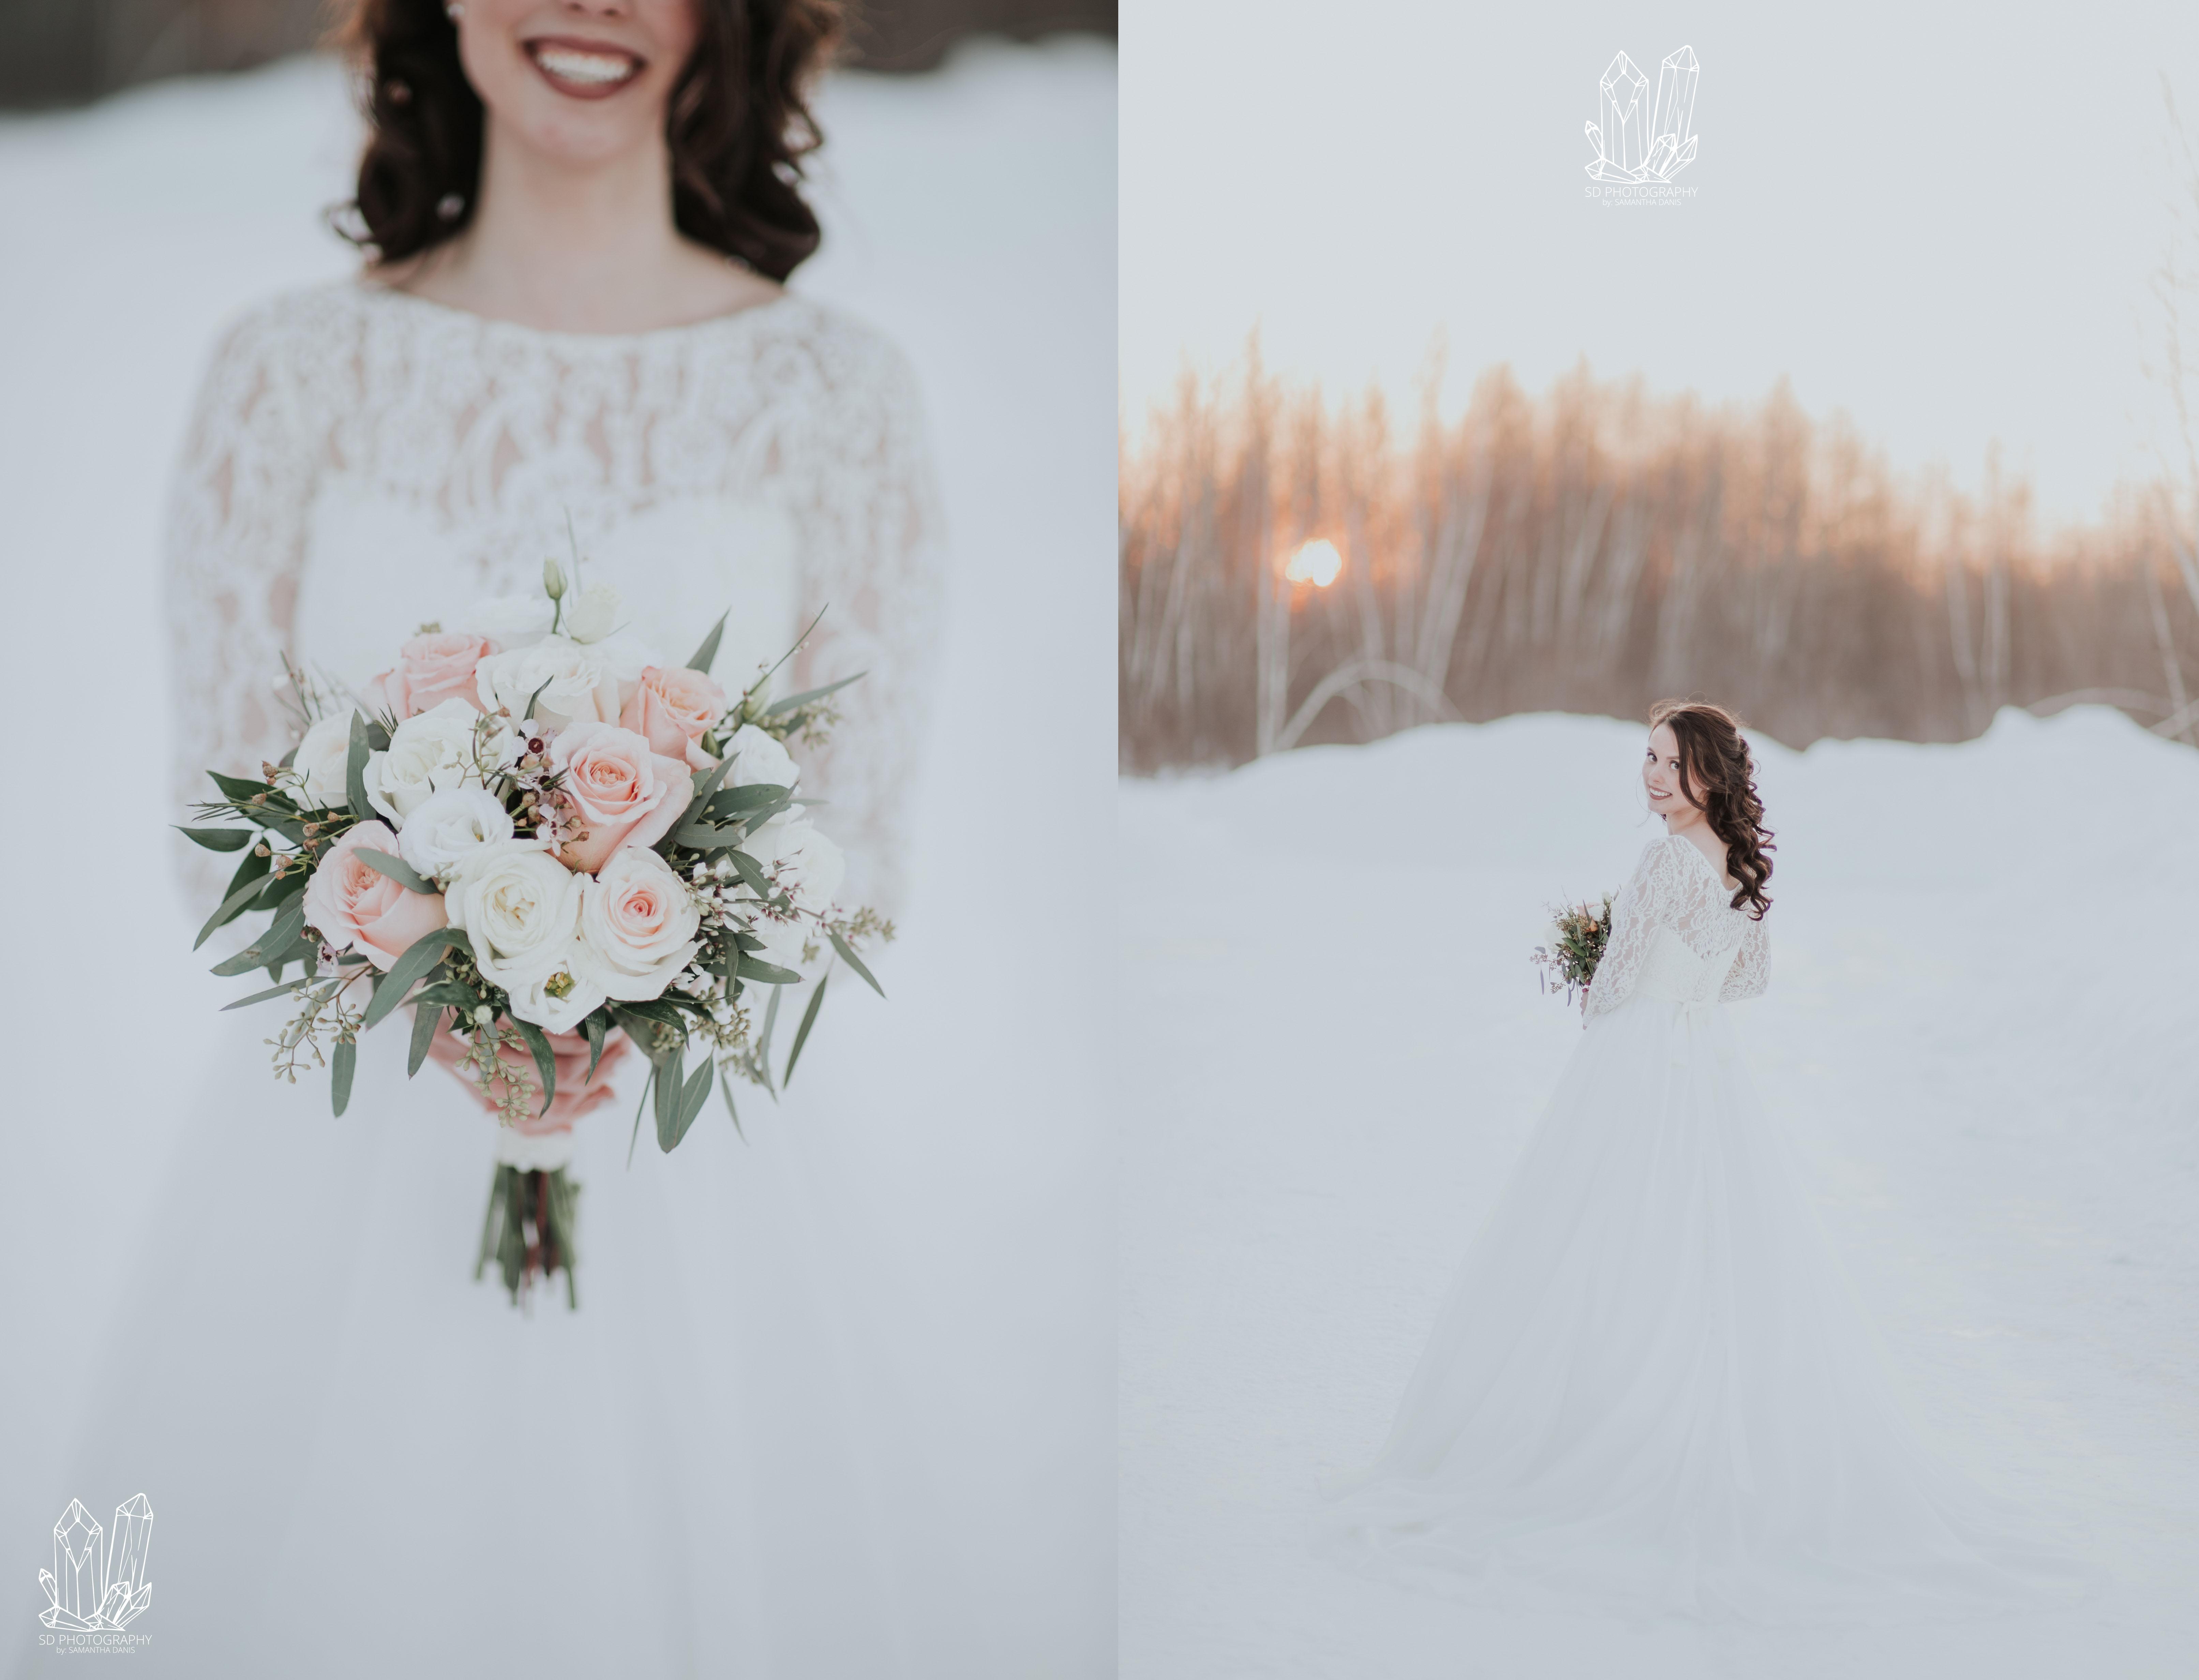 Amelia & Aaron: Winter Wedding - Samantha Danis Photography